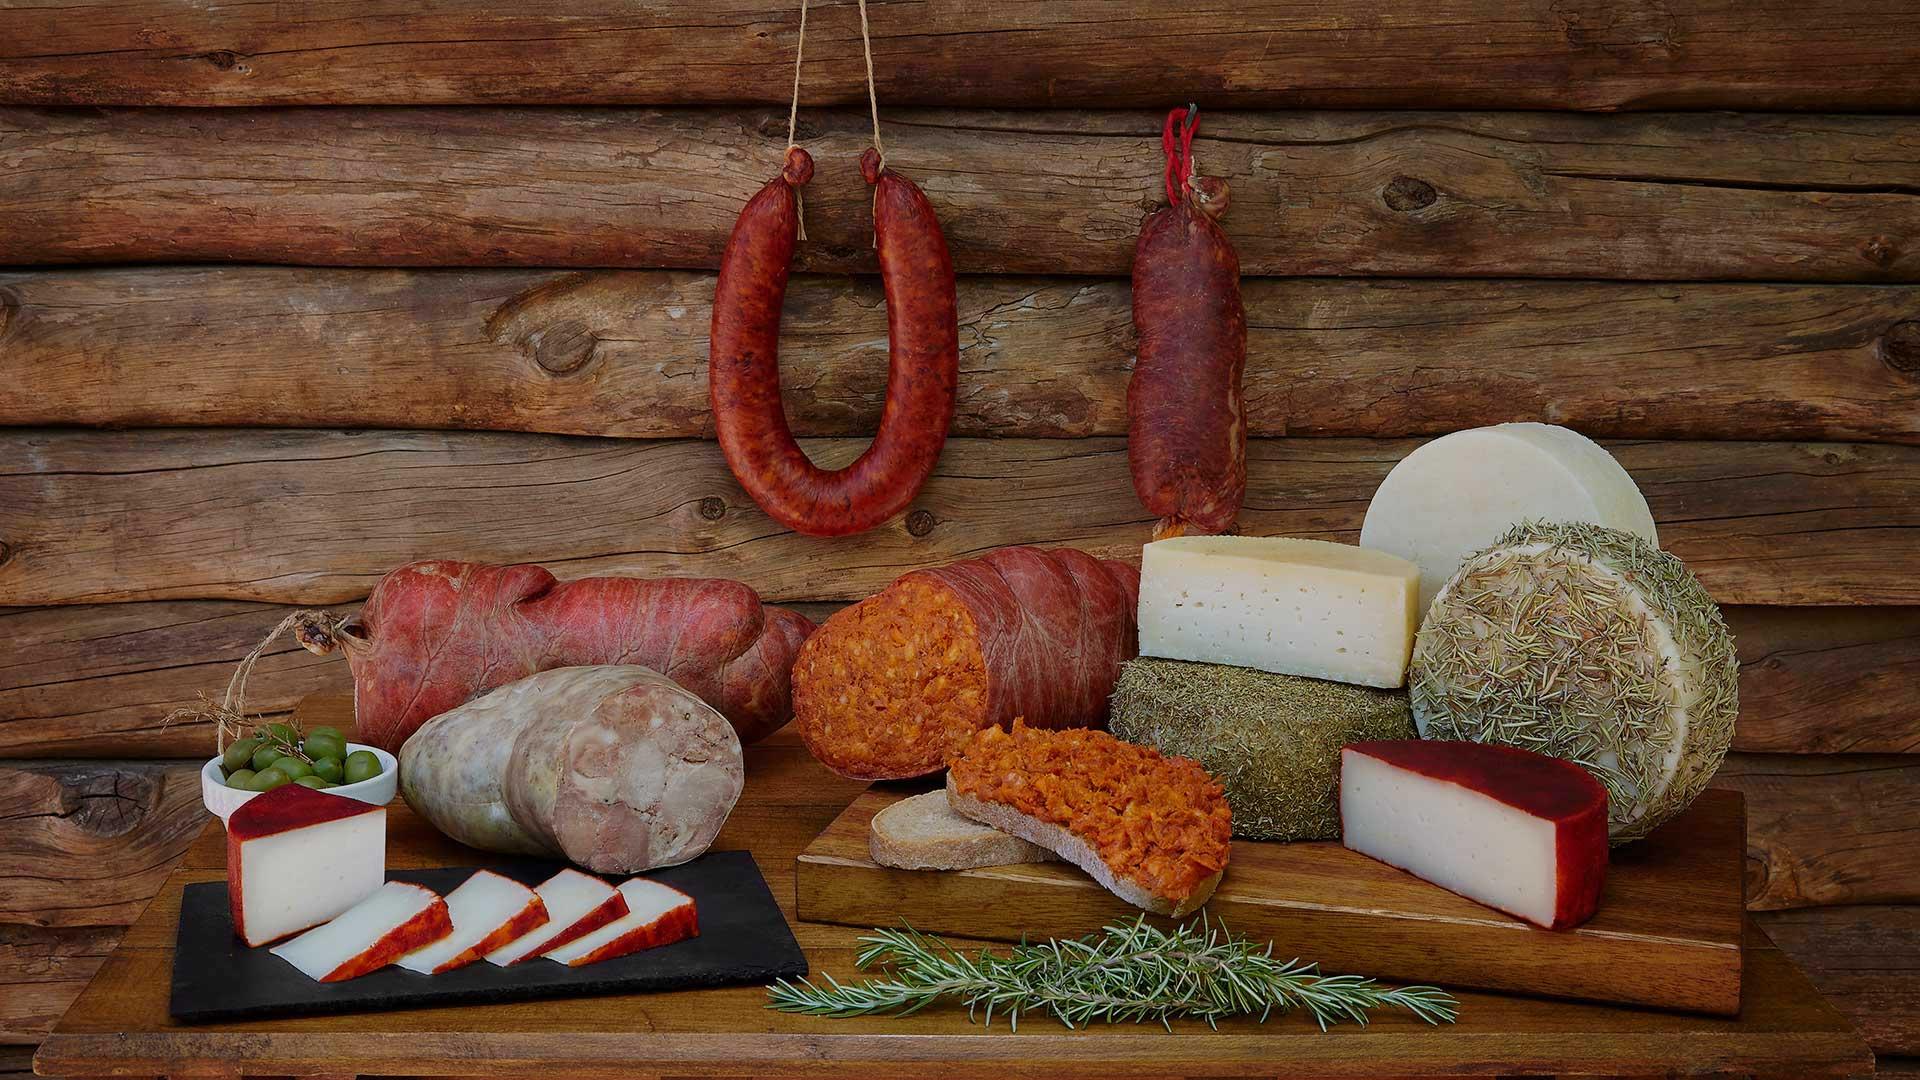 gastronomia tradiciona de ibiza